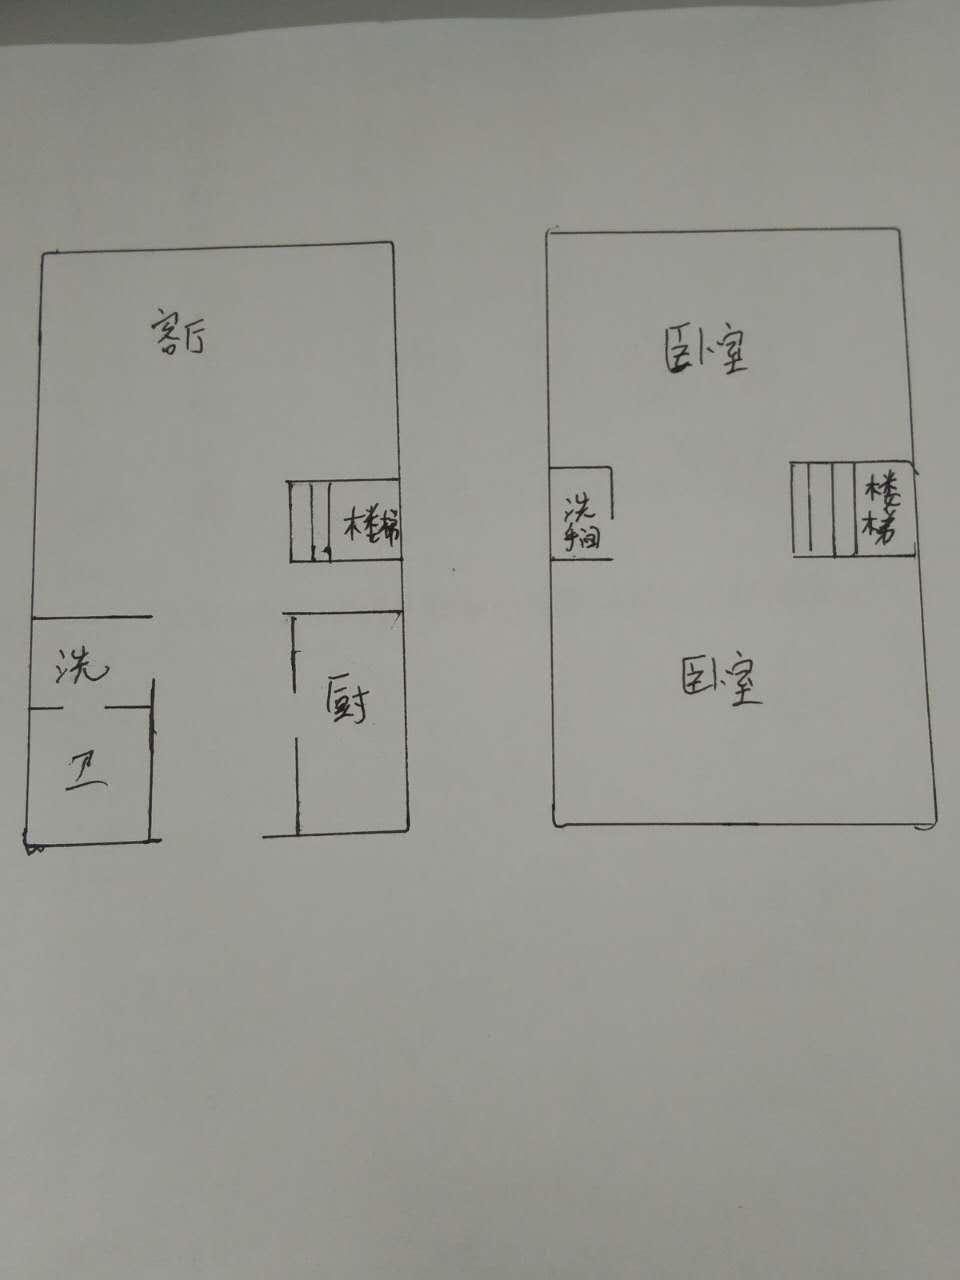 未来城 2室1厅 6楼